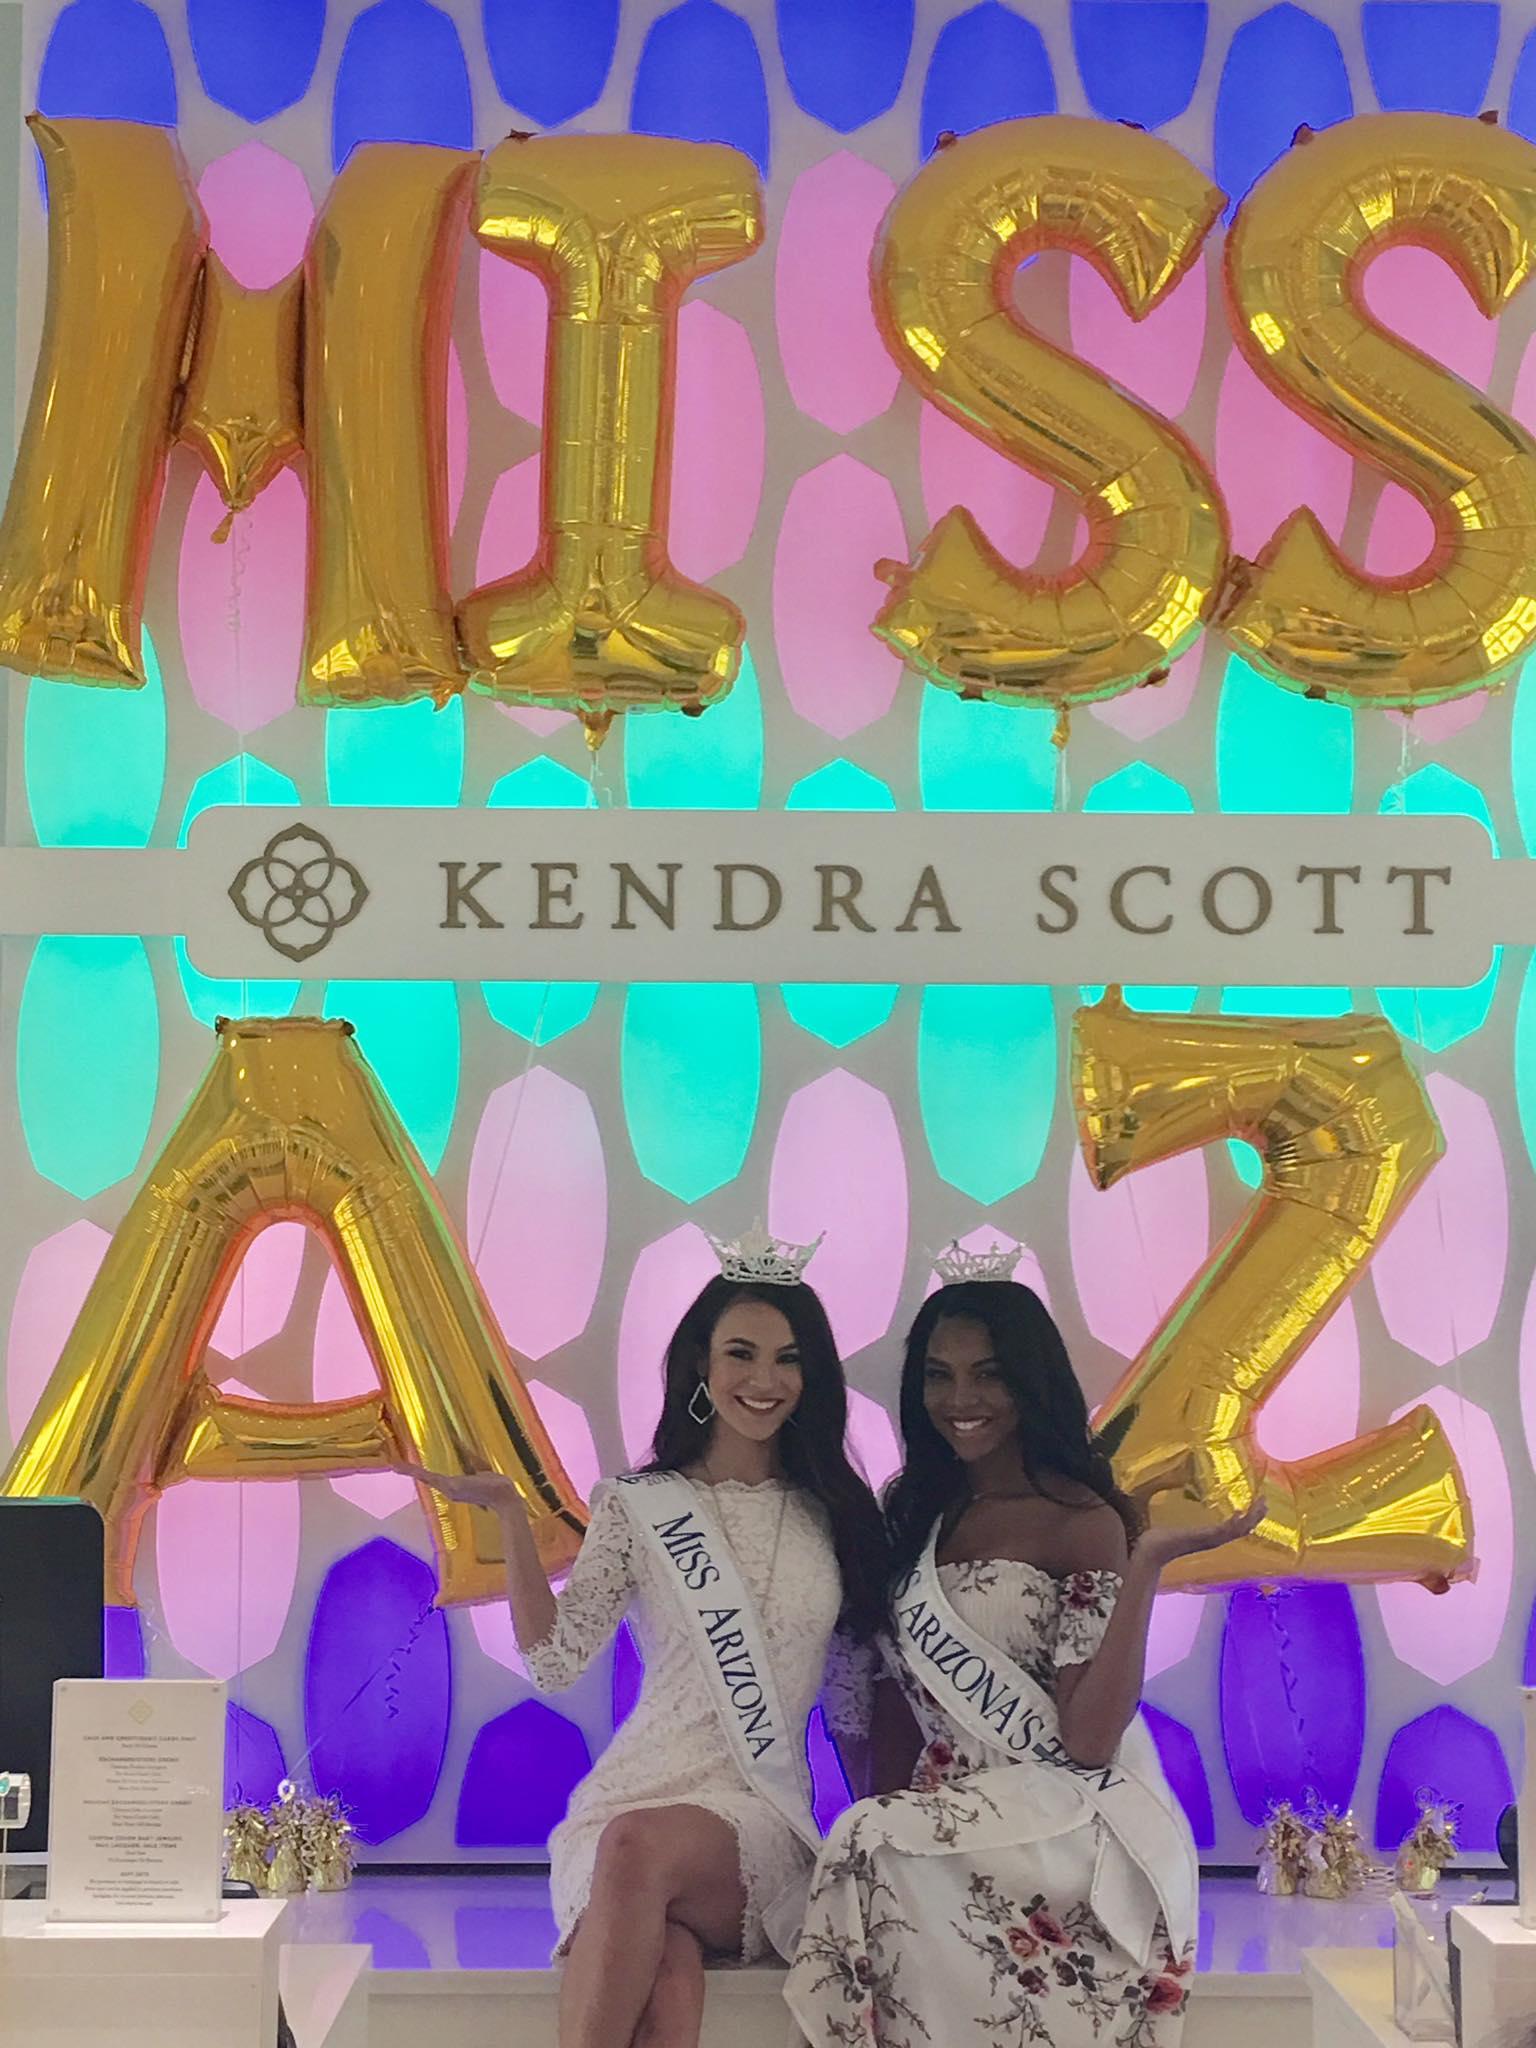 2017 Kendra Scott Store 2017 Miss AZ and MIss AZ Outstanding Teen.jpg